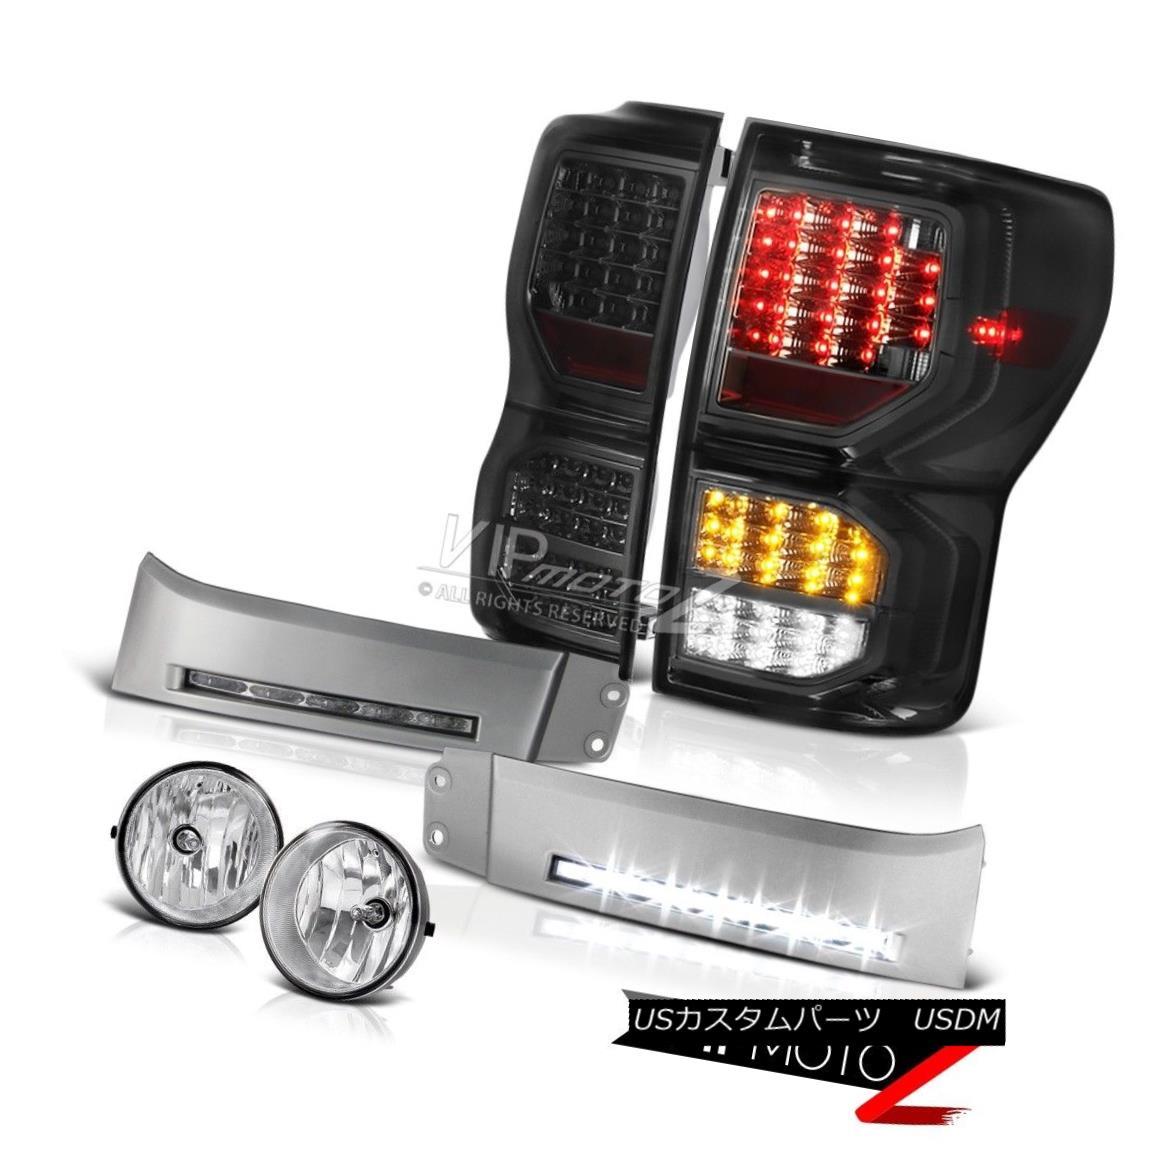 テールライト 2007-2013 Toyota Tundra SR5 Smoked Rear Brake Lights Silver Bumper DRL Fog Lamps 2007-2013トヨタトンドラSR5スモークリアブレーキライトシルバーバンパーDRLフォグランプ